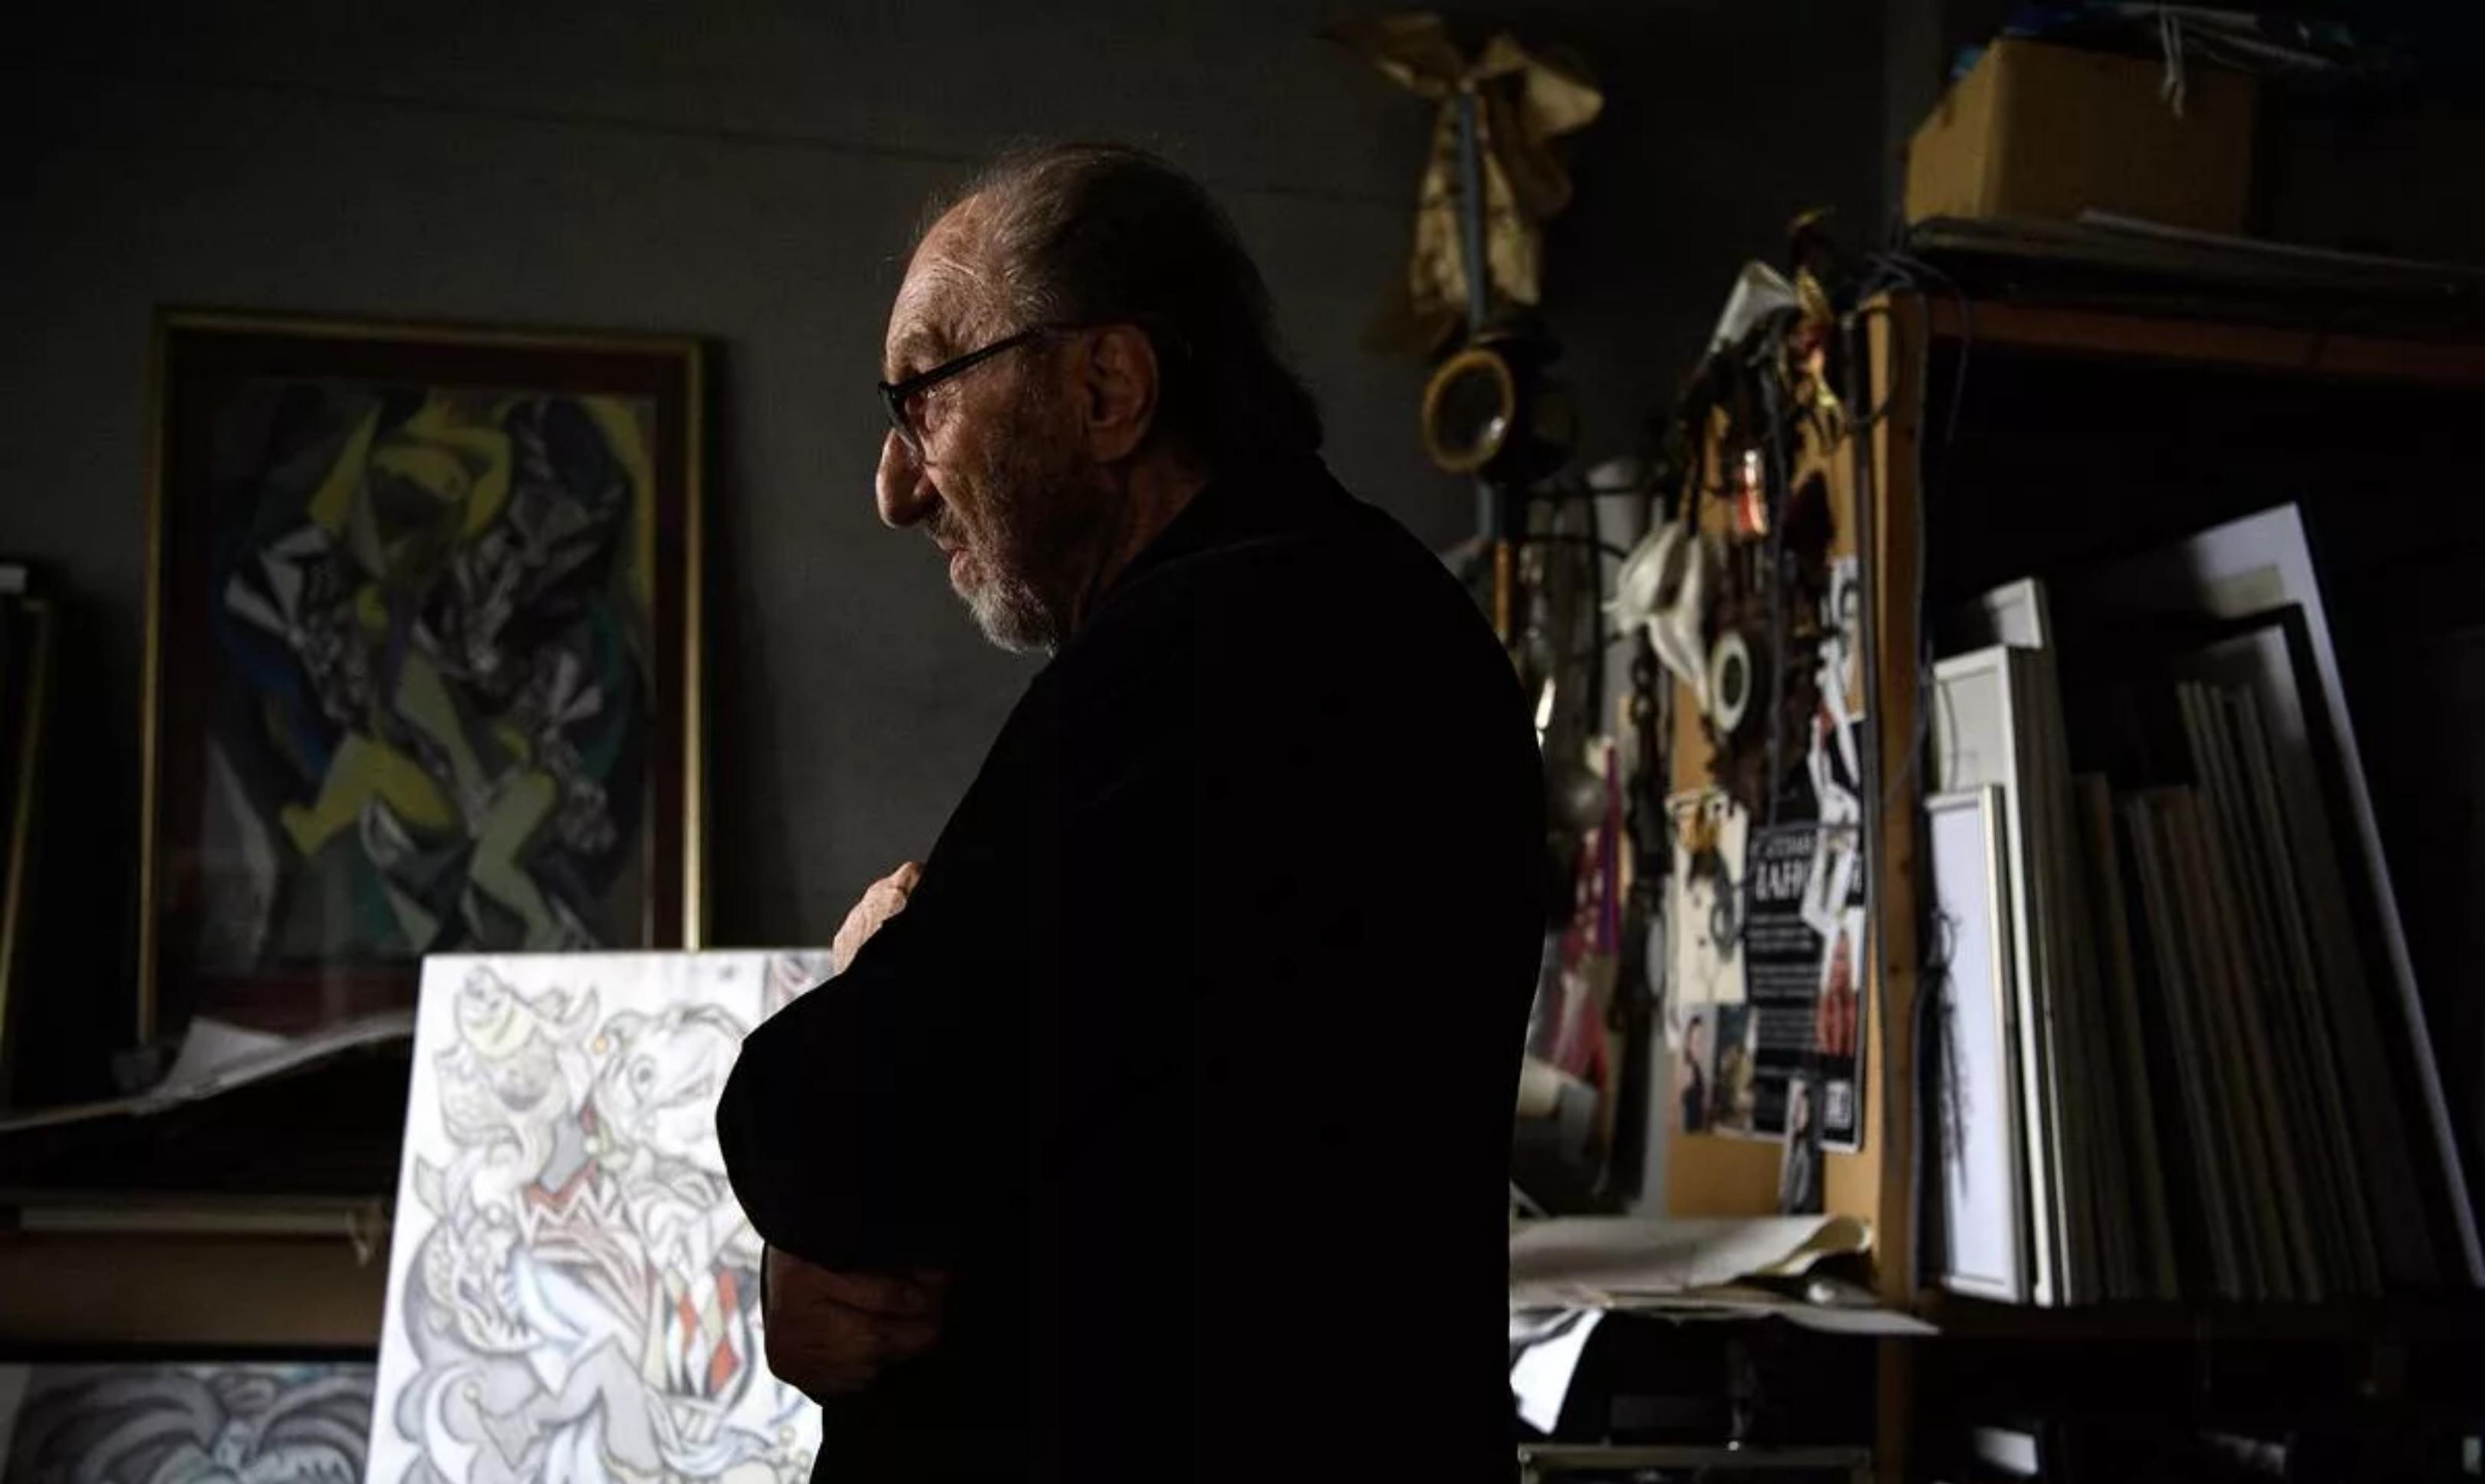 В Екатеринбурге откроется выставка с редкими работами уральских художников